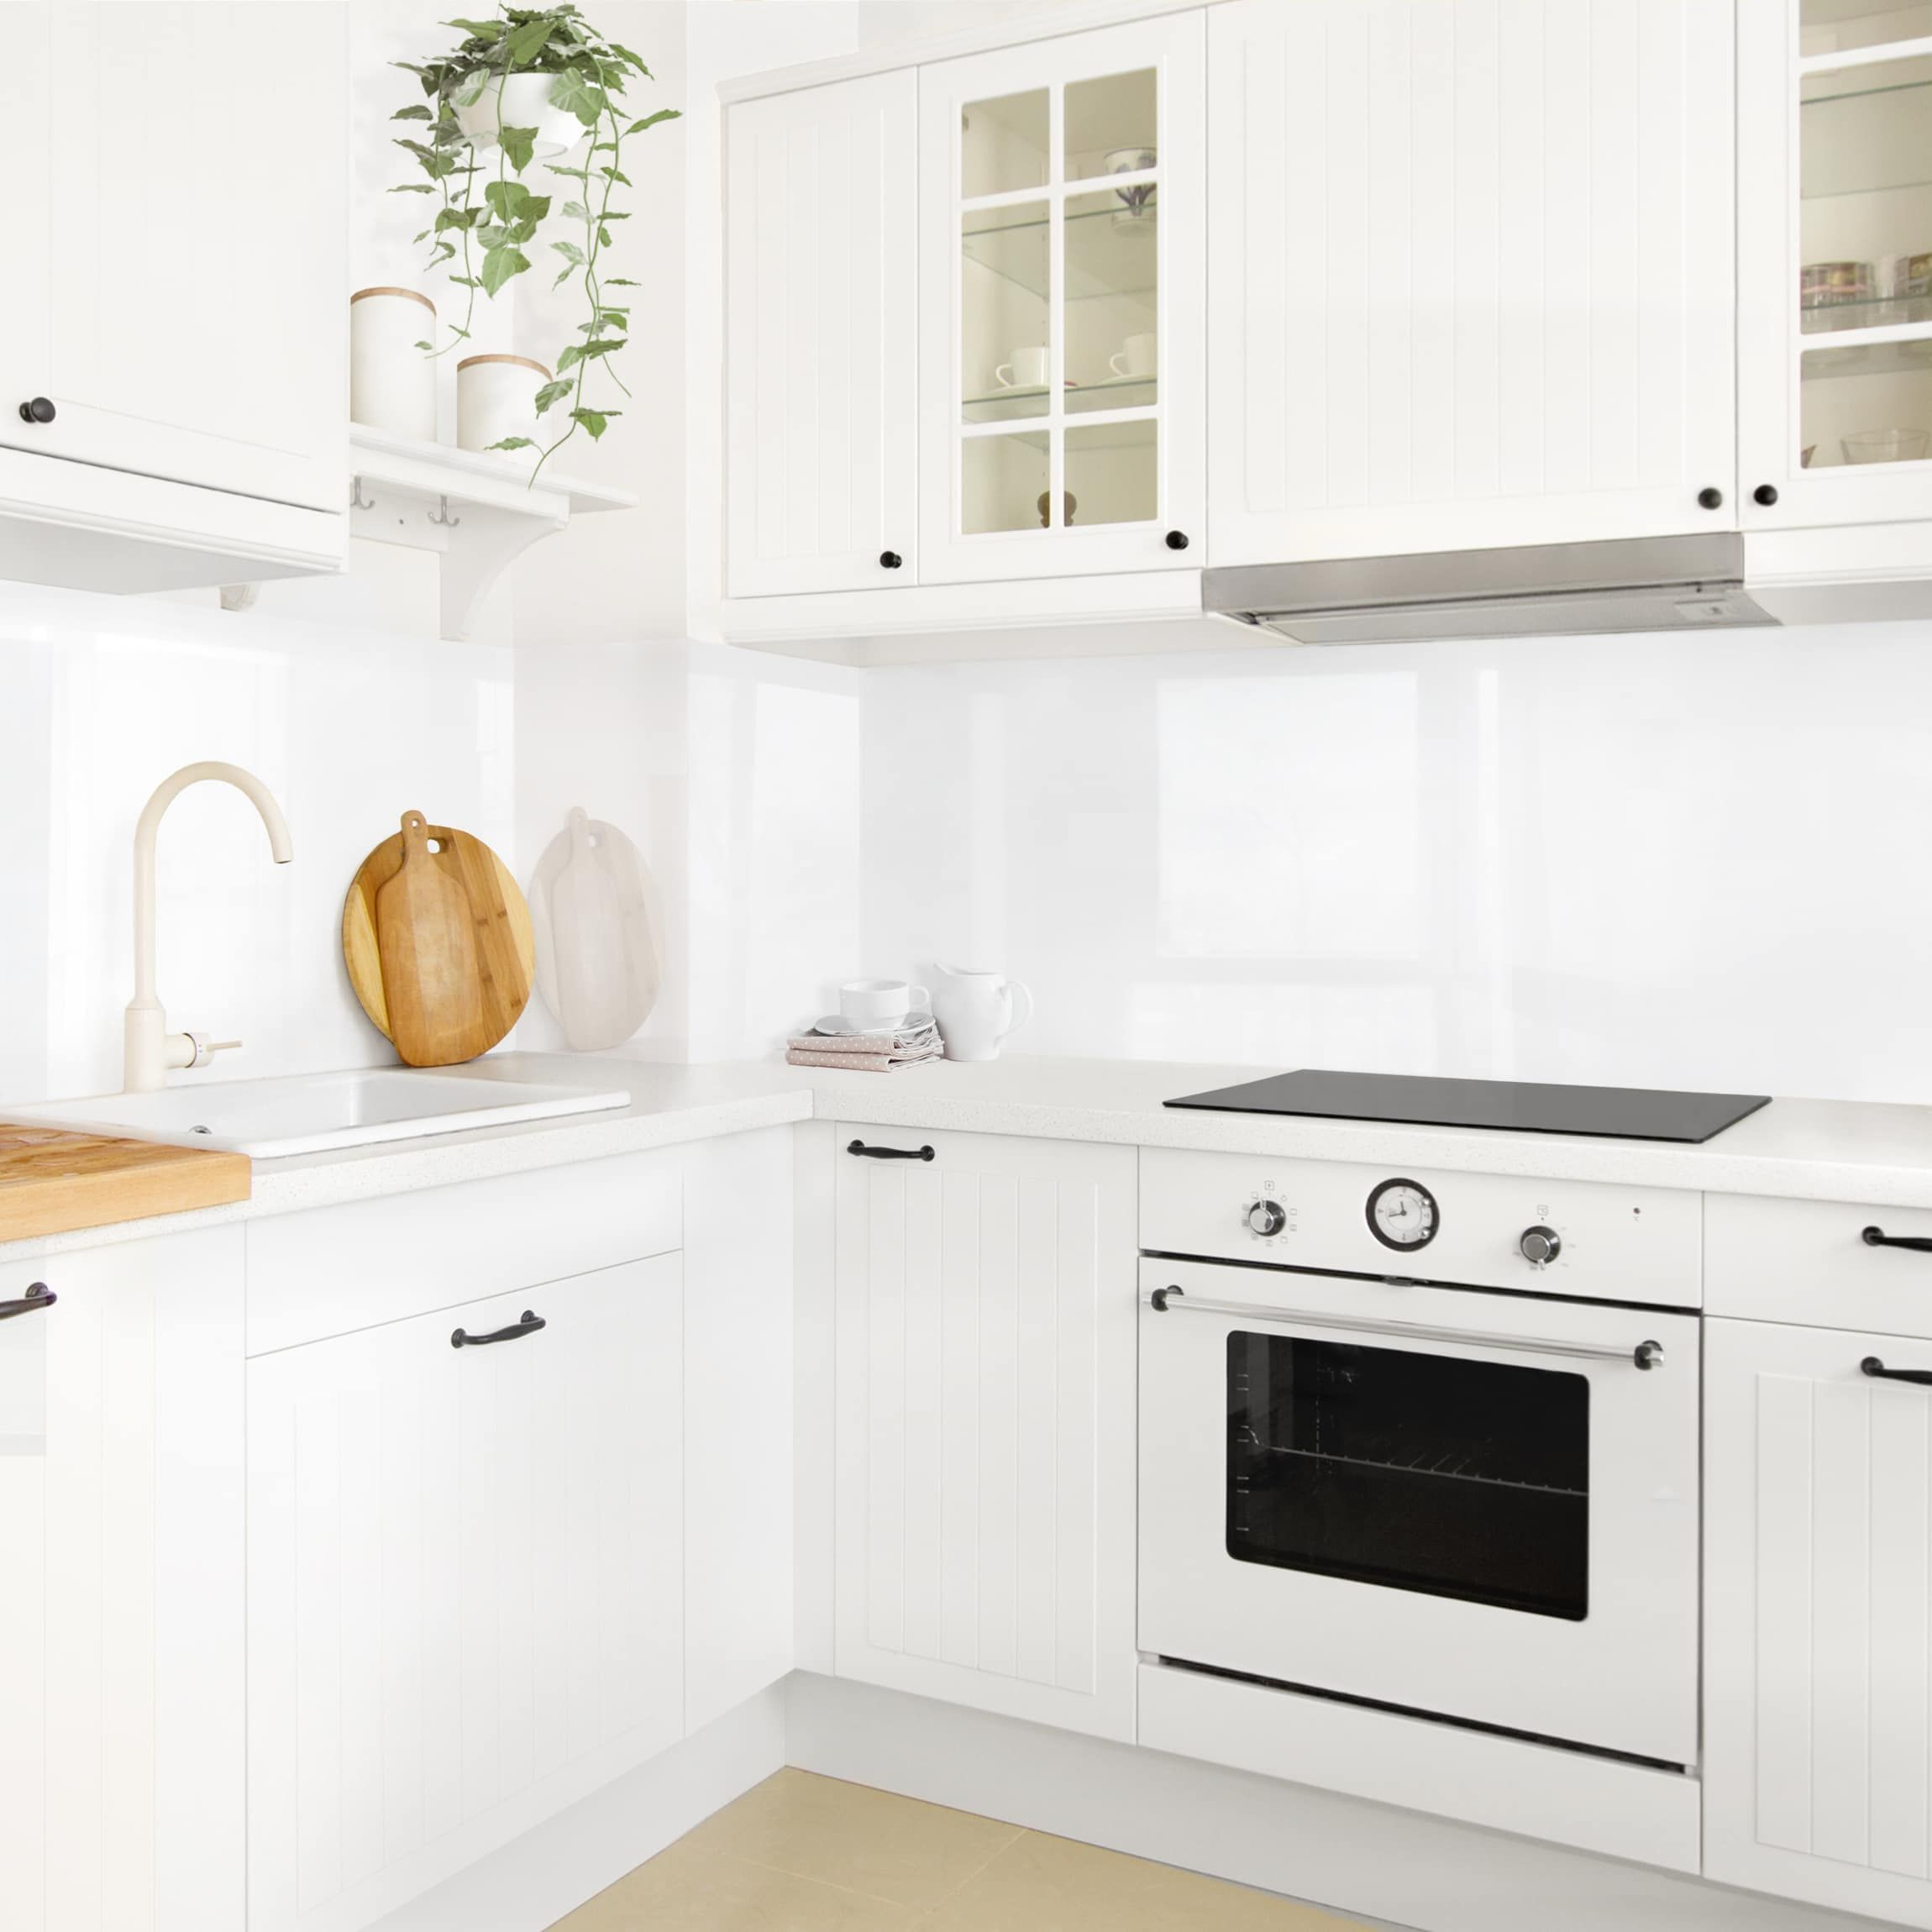 Rivestimento cucina - Bianco polare nel 2019 | Piastrelle ...